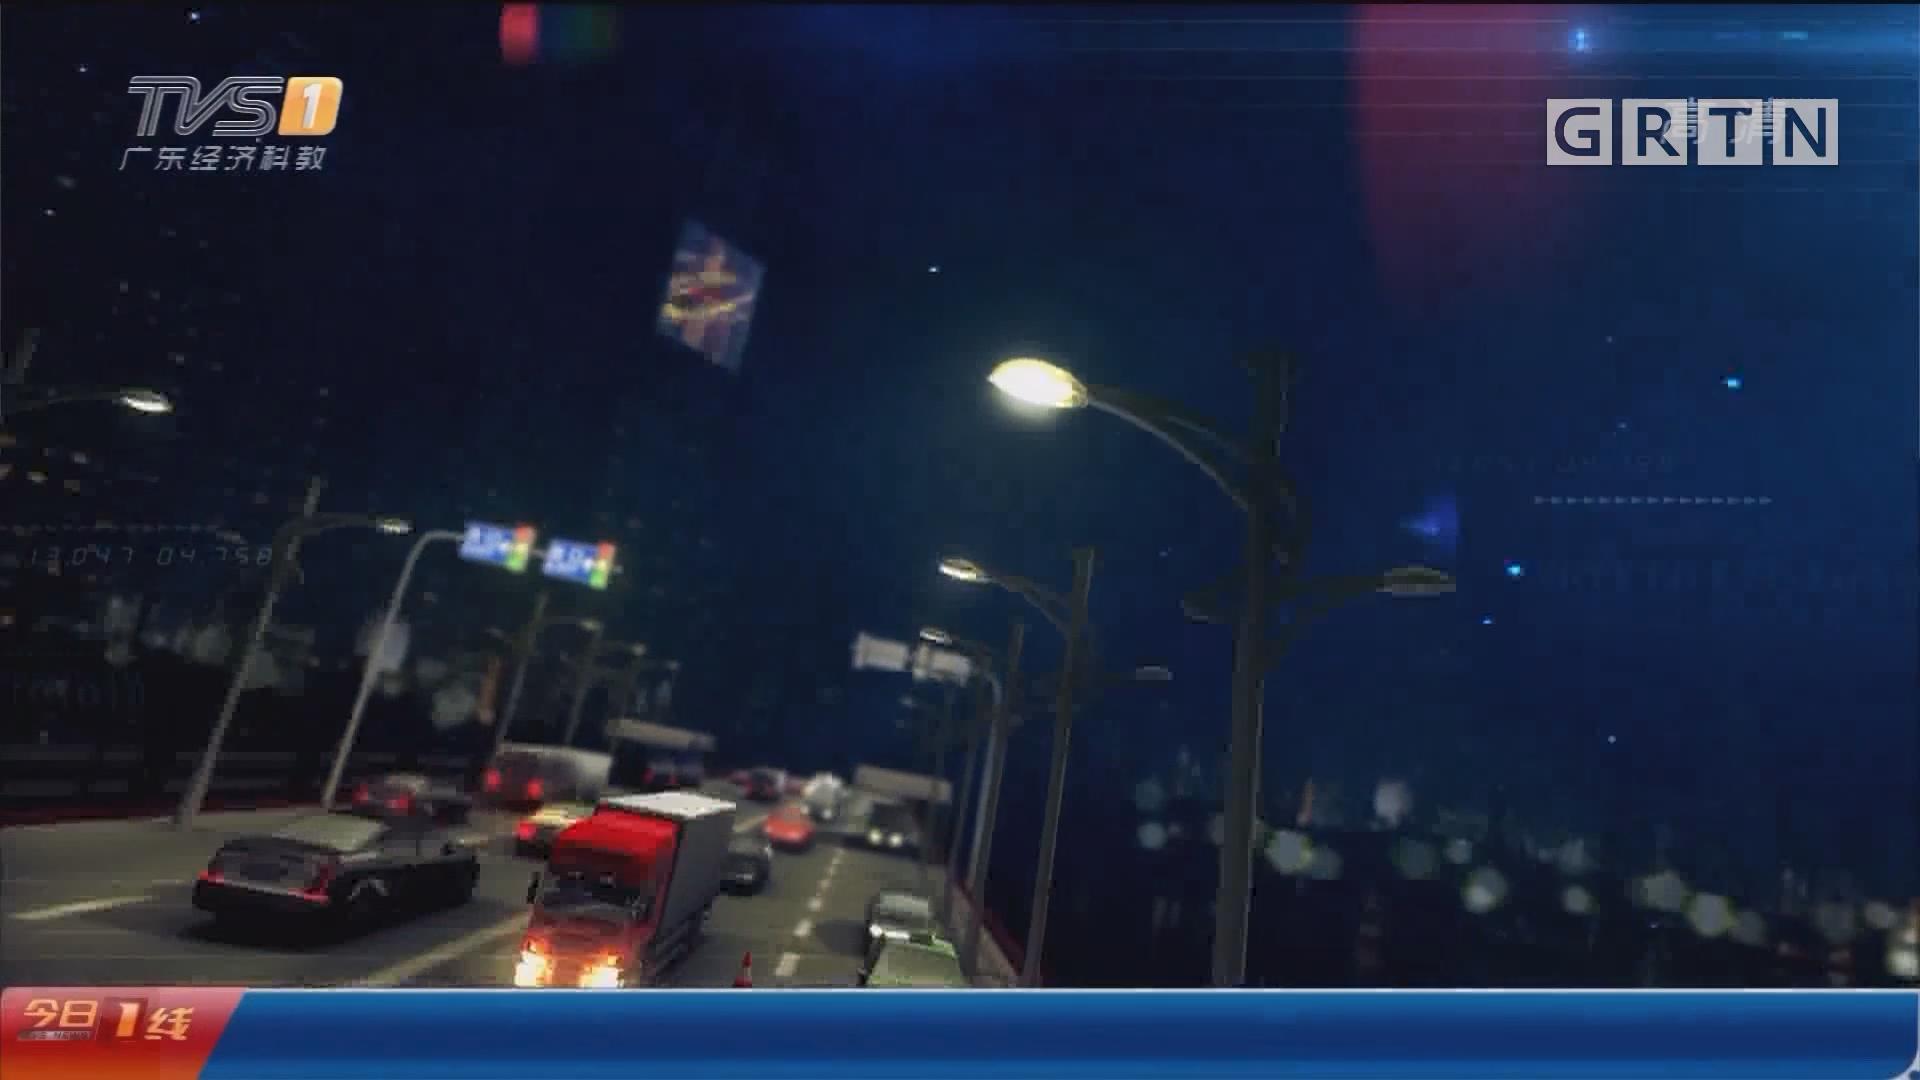 今夜最新:惠州巽寮湾 入夜城区高速车流有增加 总体顺畅